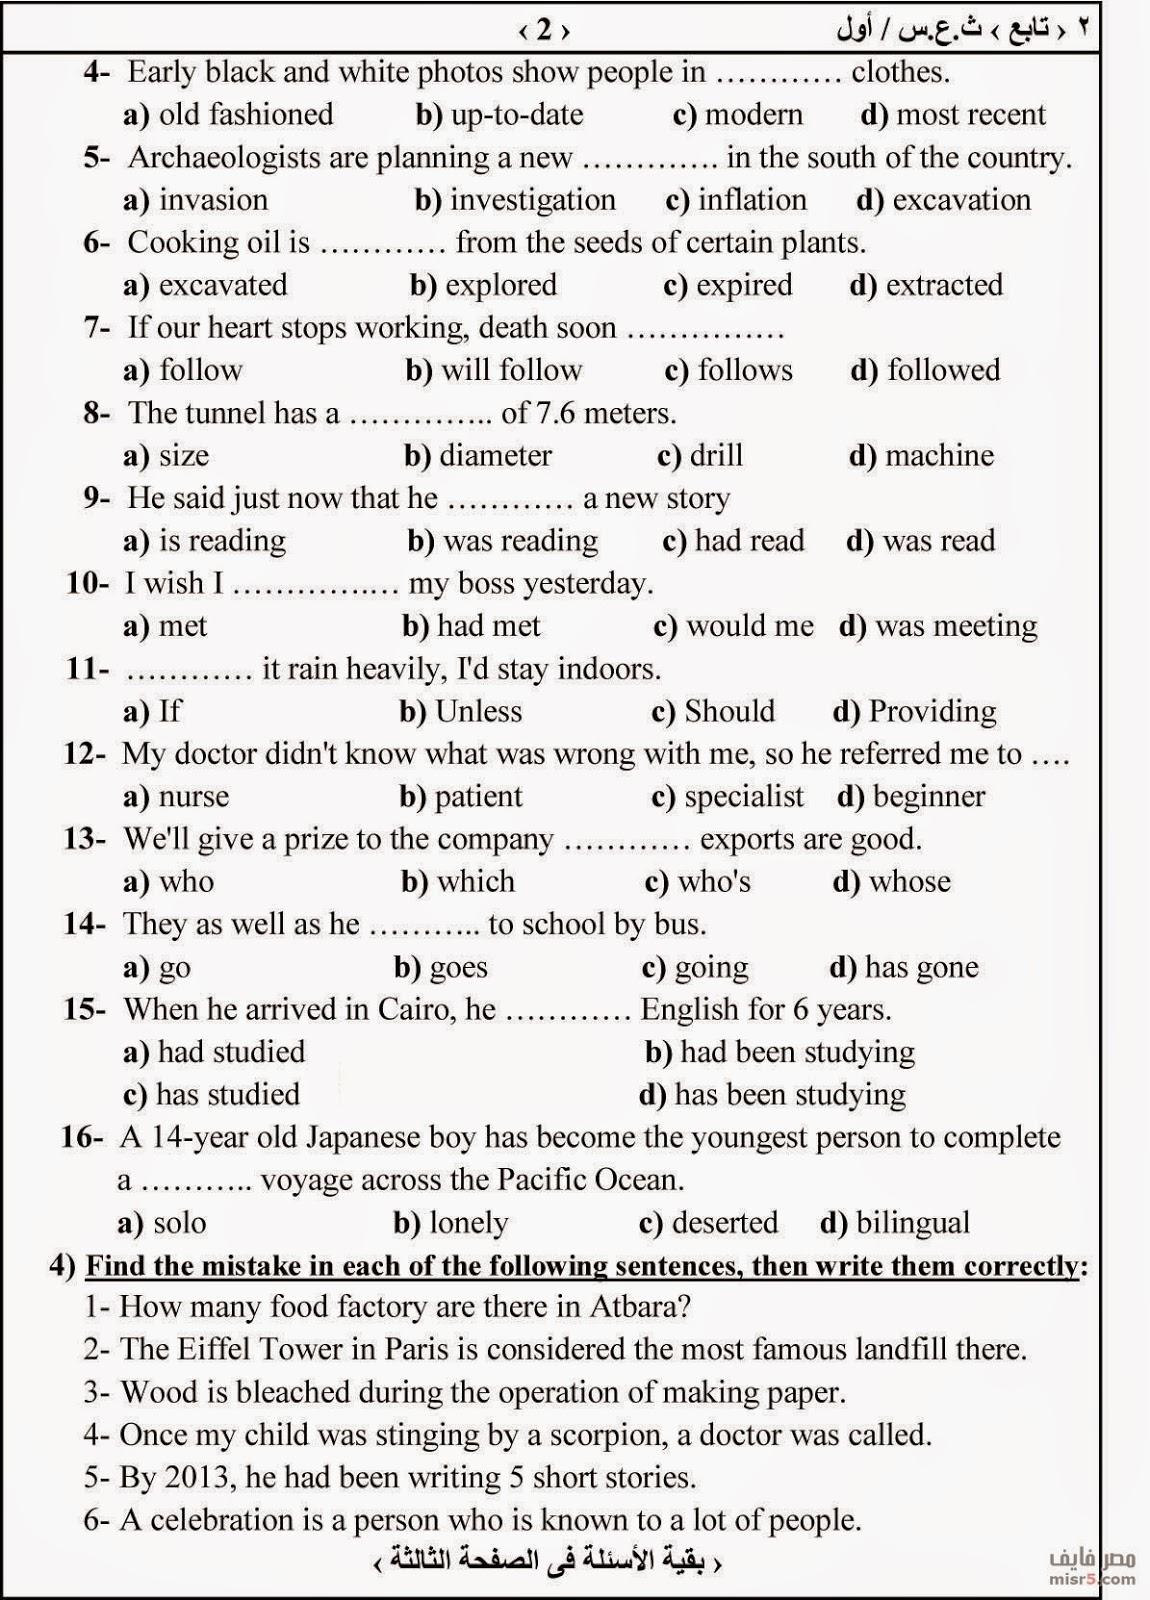 نموذج امتحان السودان 2015 في اللغة الانجليزية للصف الثالث الثانوي مع نموذج للاجابة